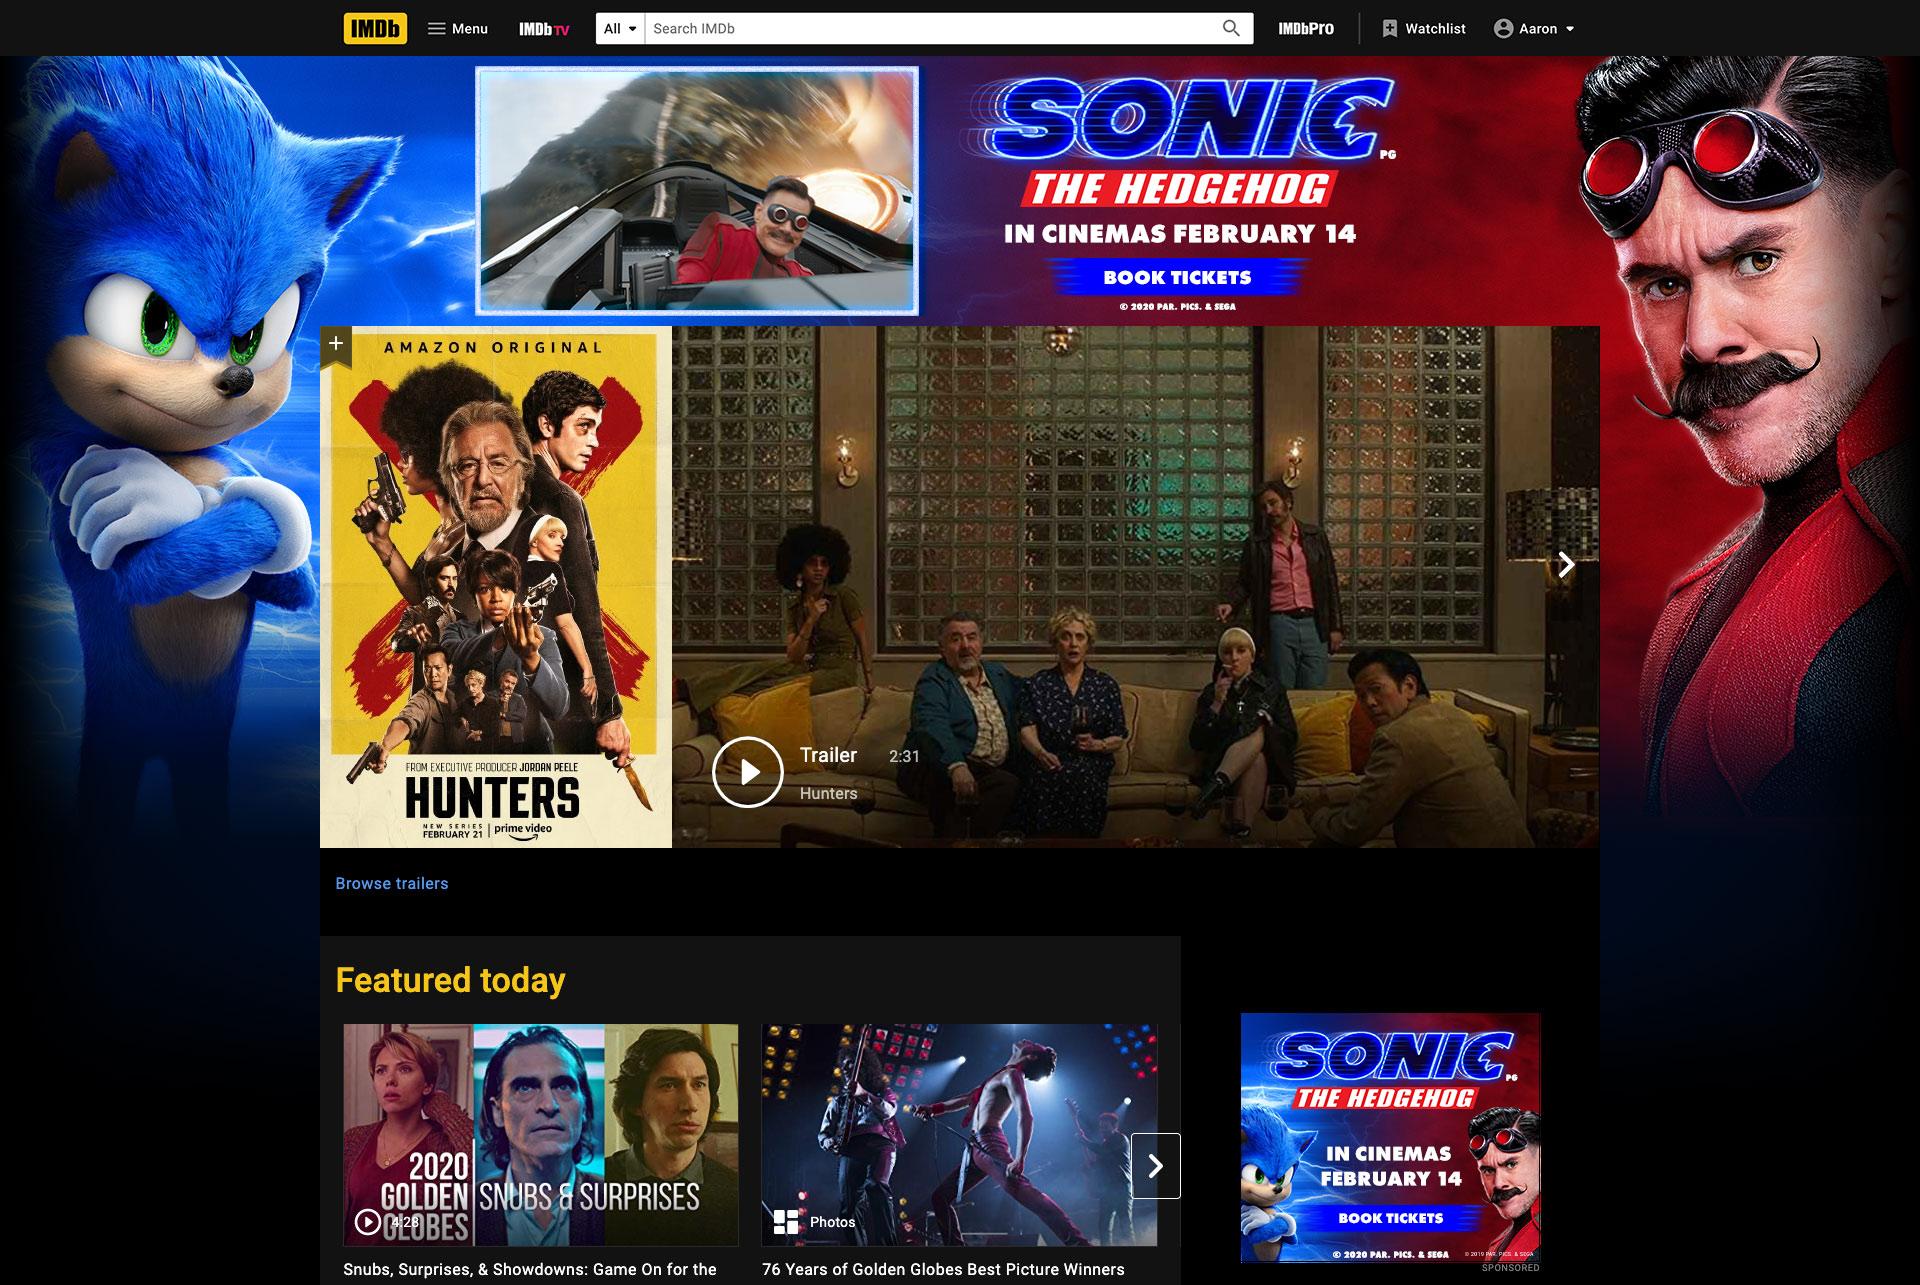 Sonic the Hedgehog - Digital Display